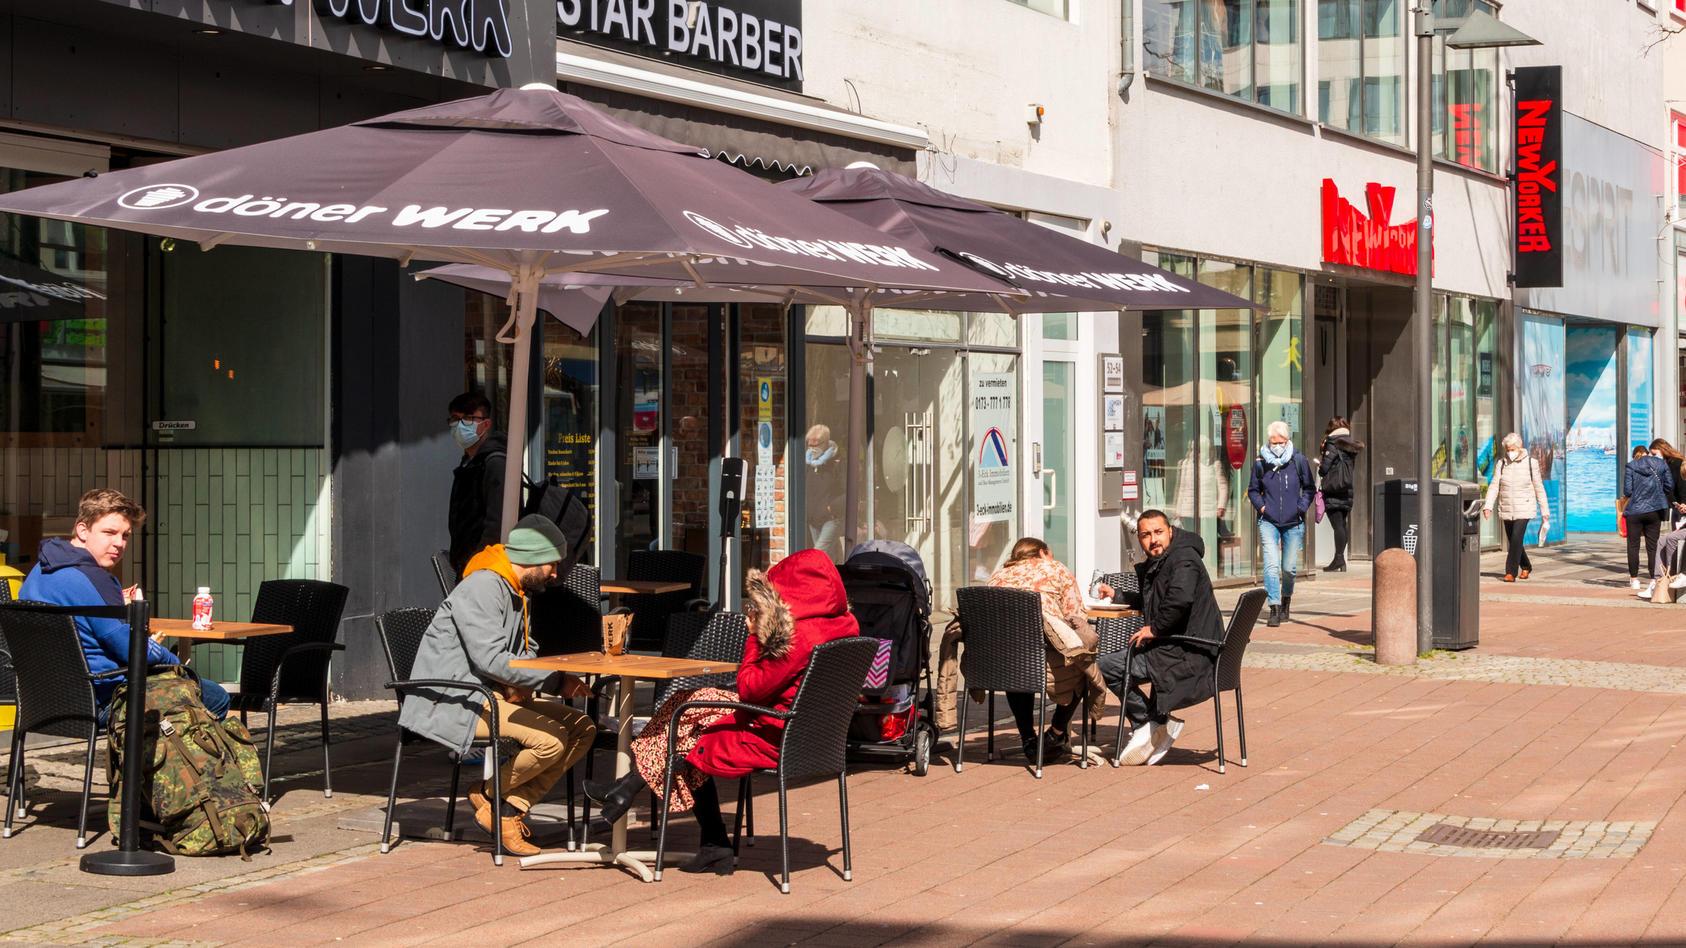 Kiel, Ostseeküste, 1: Seit dem 12.04.2021 darf die Gastronomie im Außenbereich aufmachen